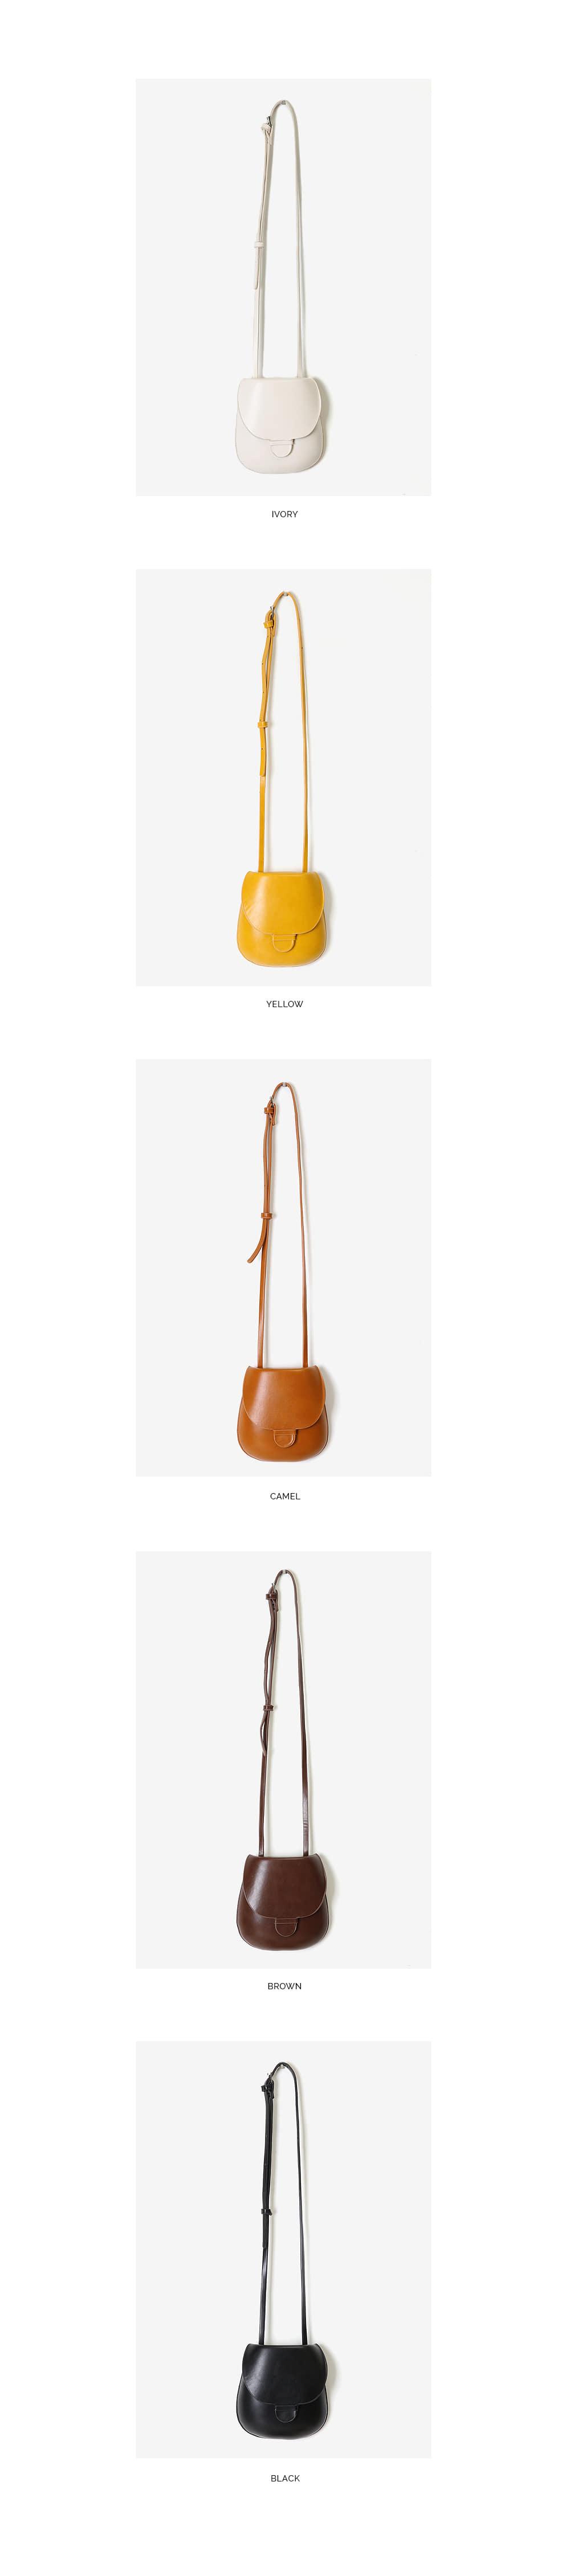 cona round shape bag